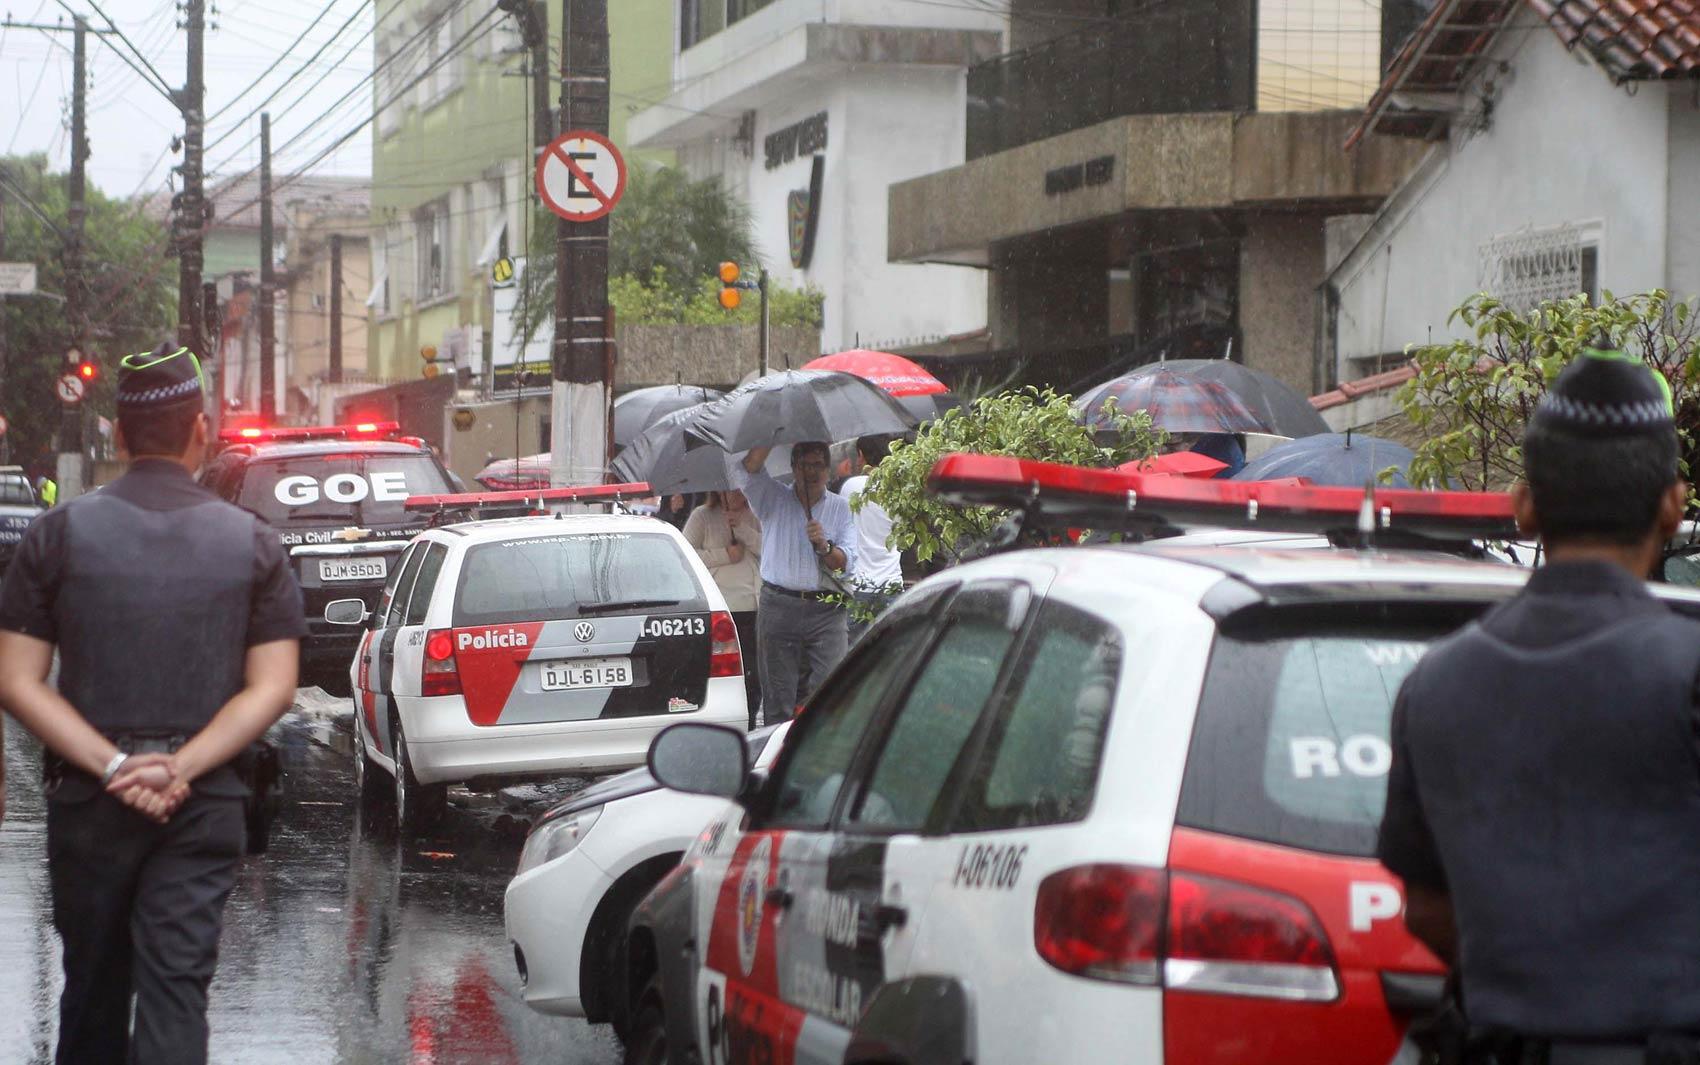 Movimentação na rua do local do acidente em Santos